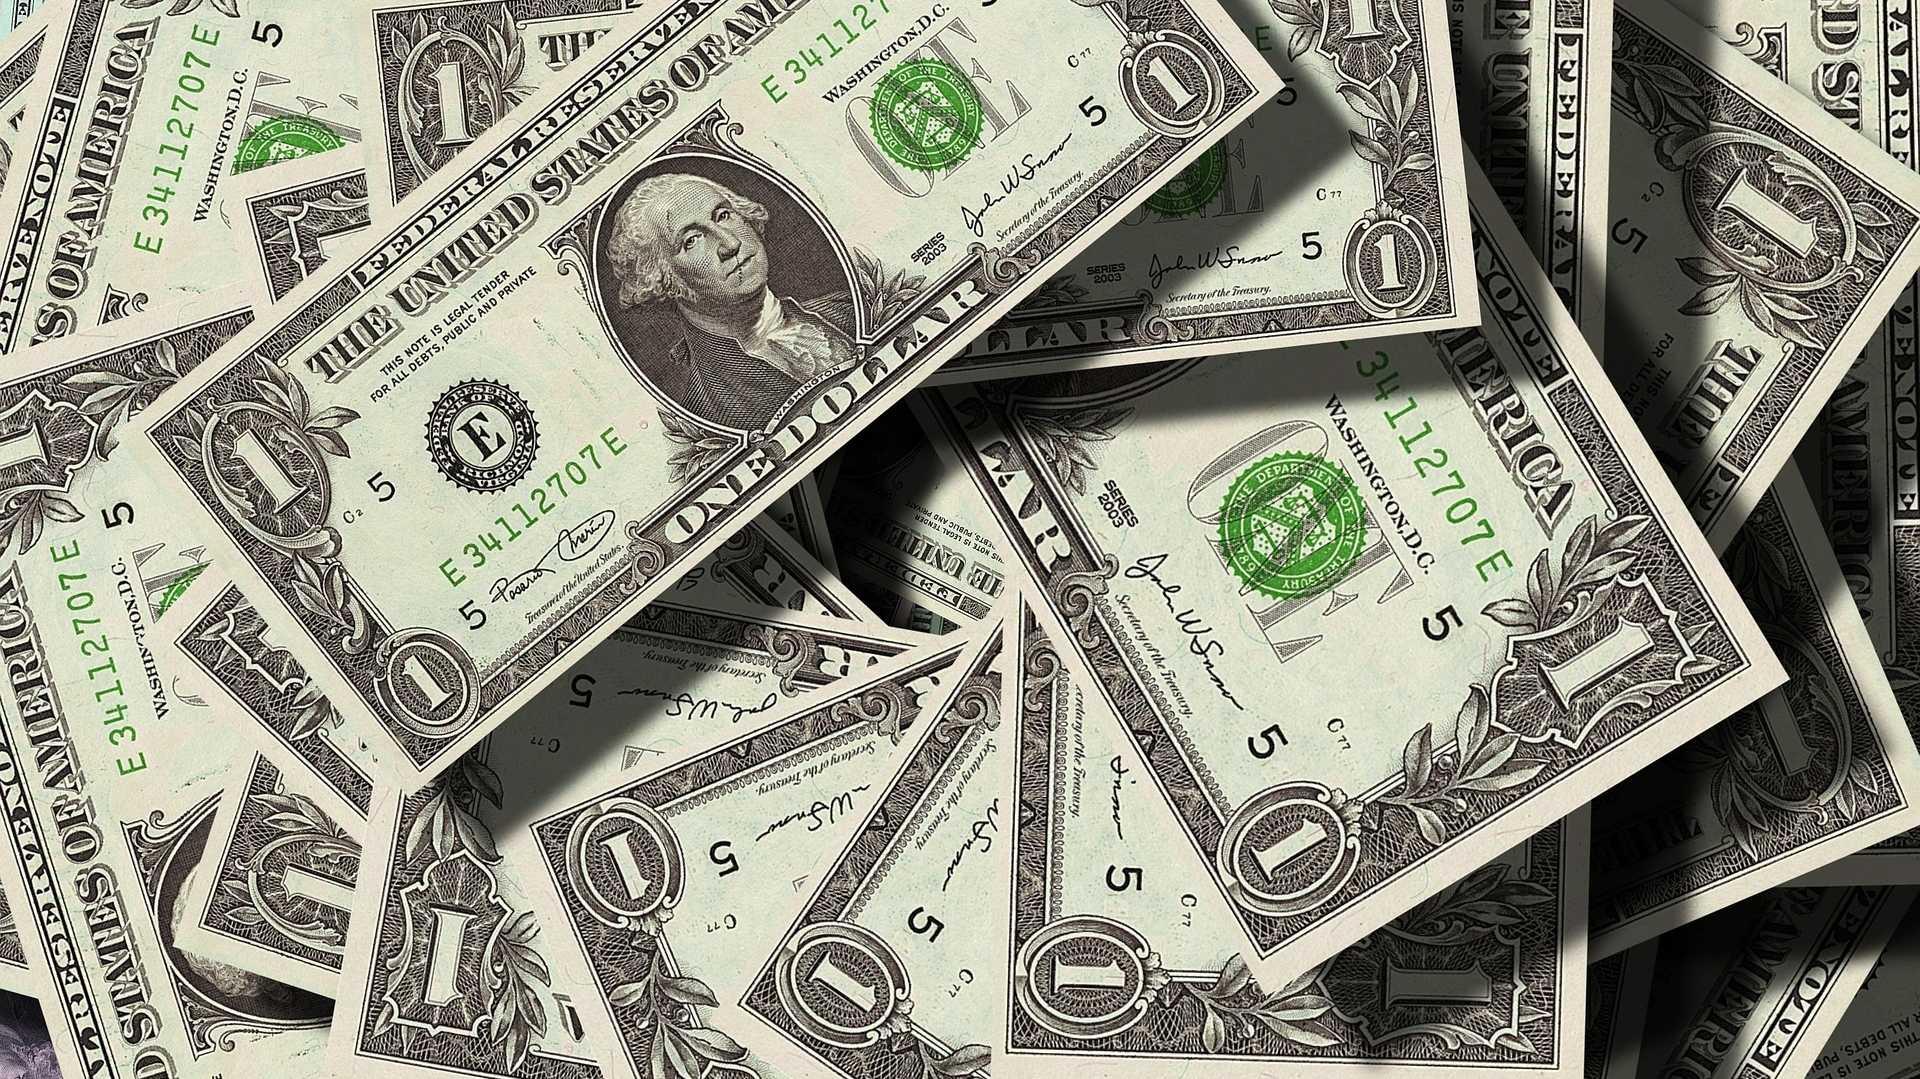 Jahresbericht Hacker One: Sicherheitsforscher machen Millionen Beträge